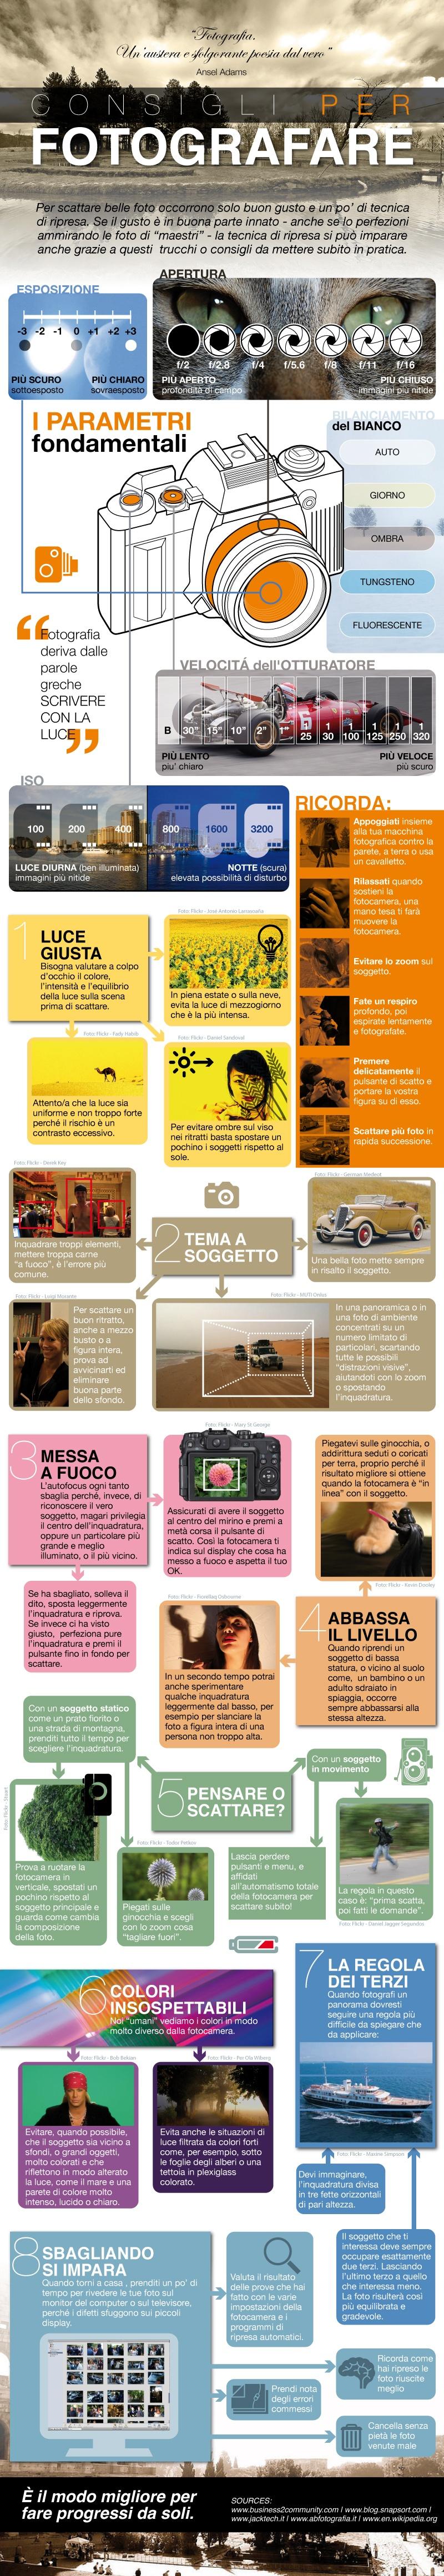 8_regole_d_oro_per_fotografare_con_metodo_1